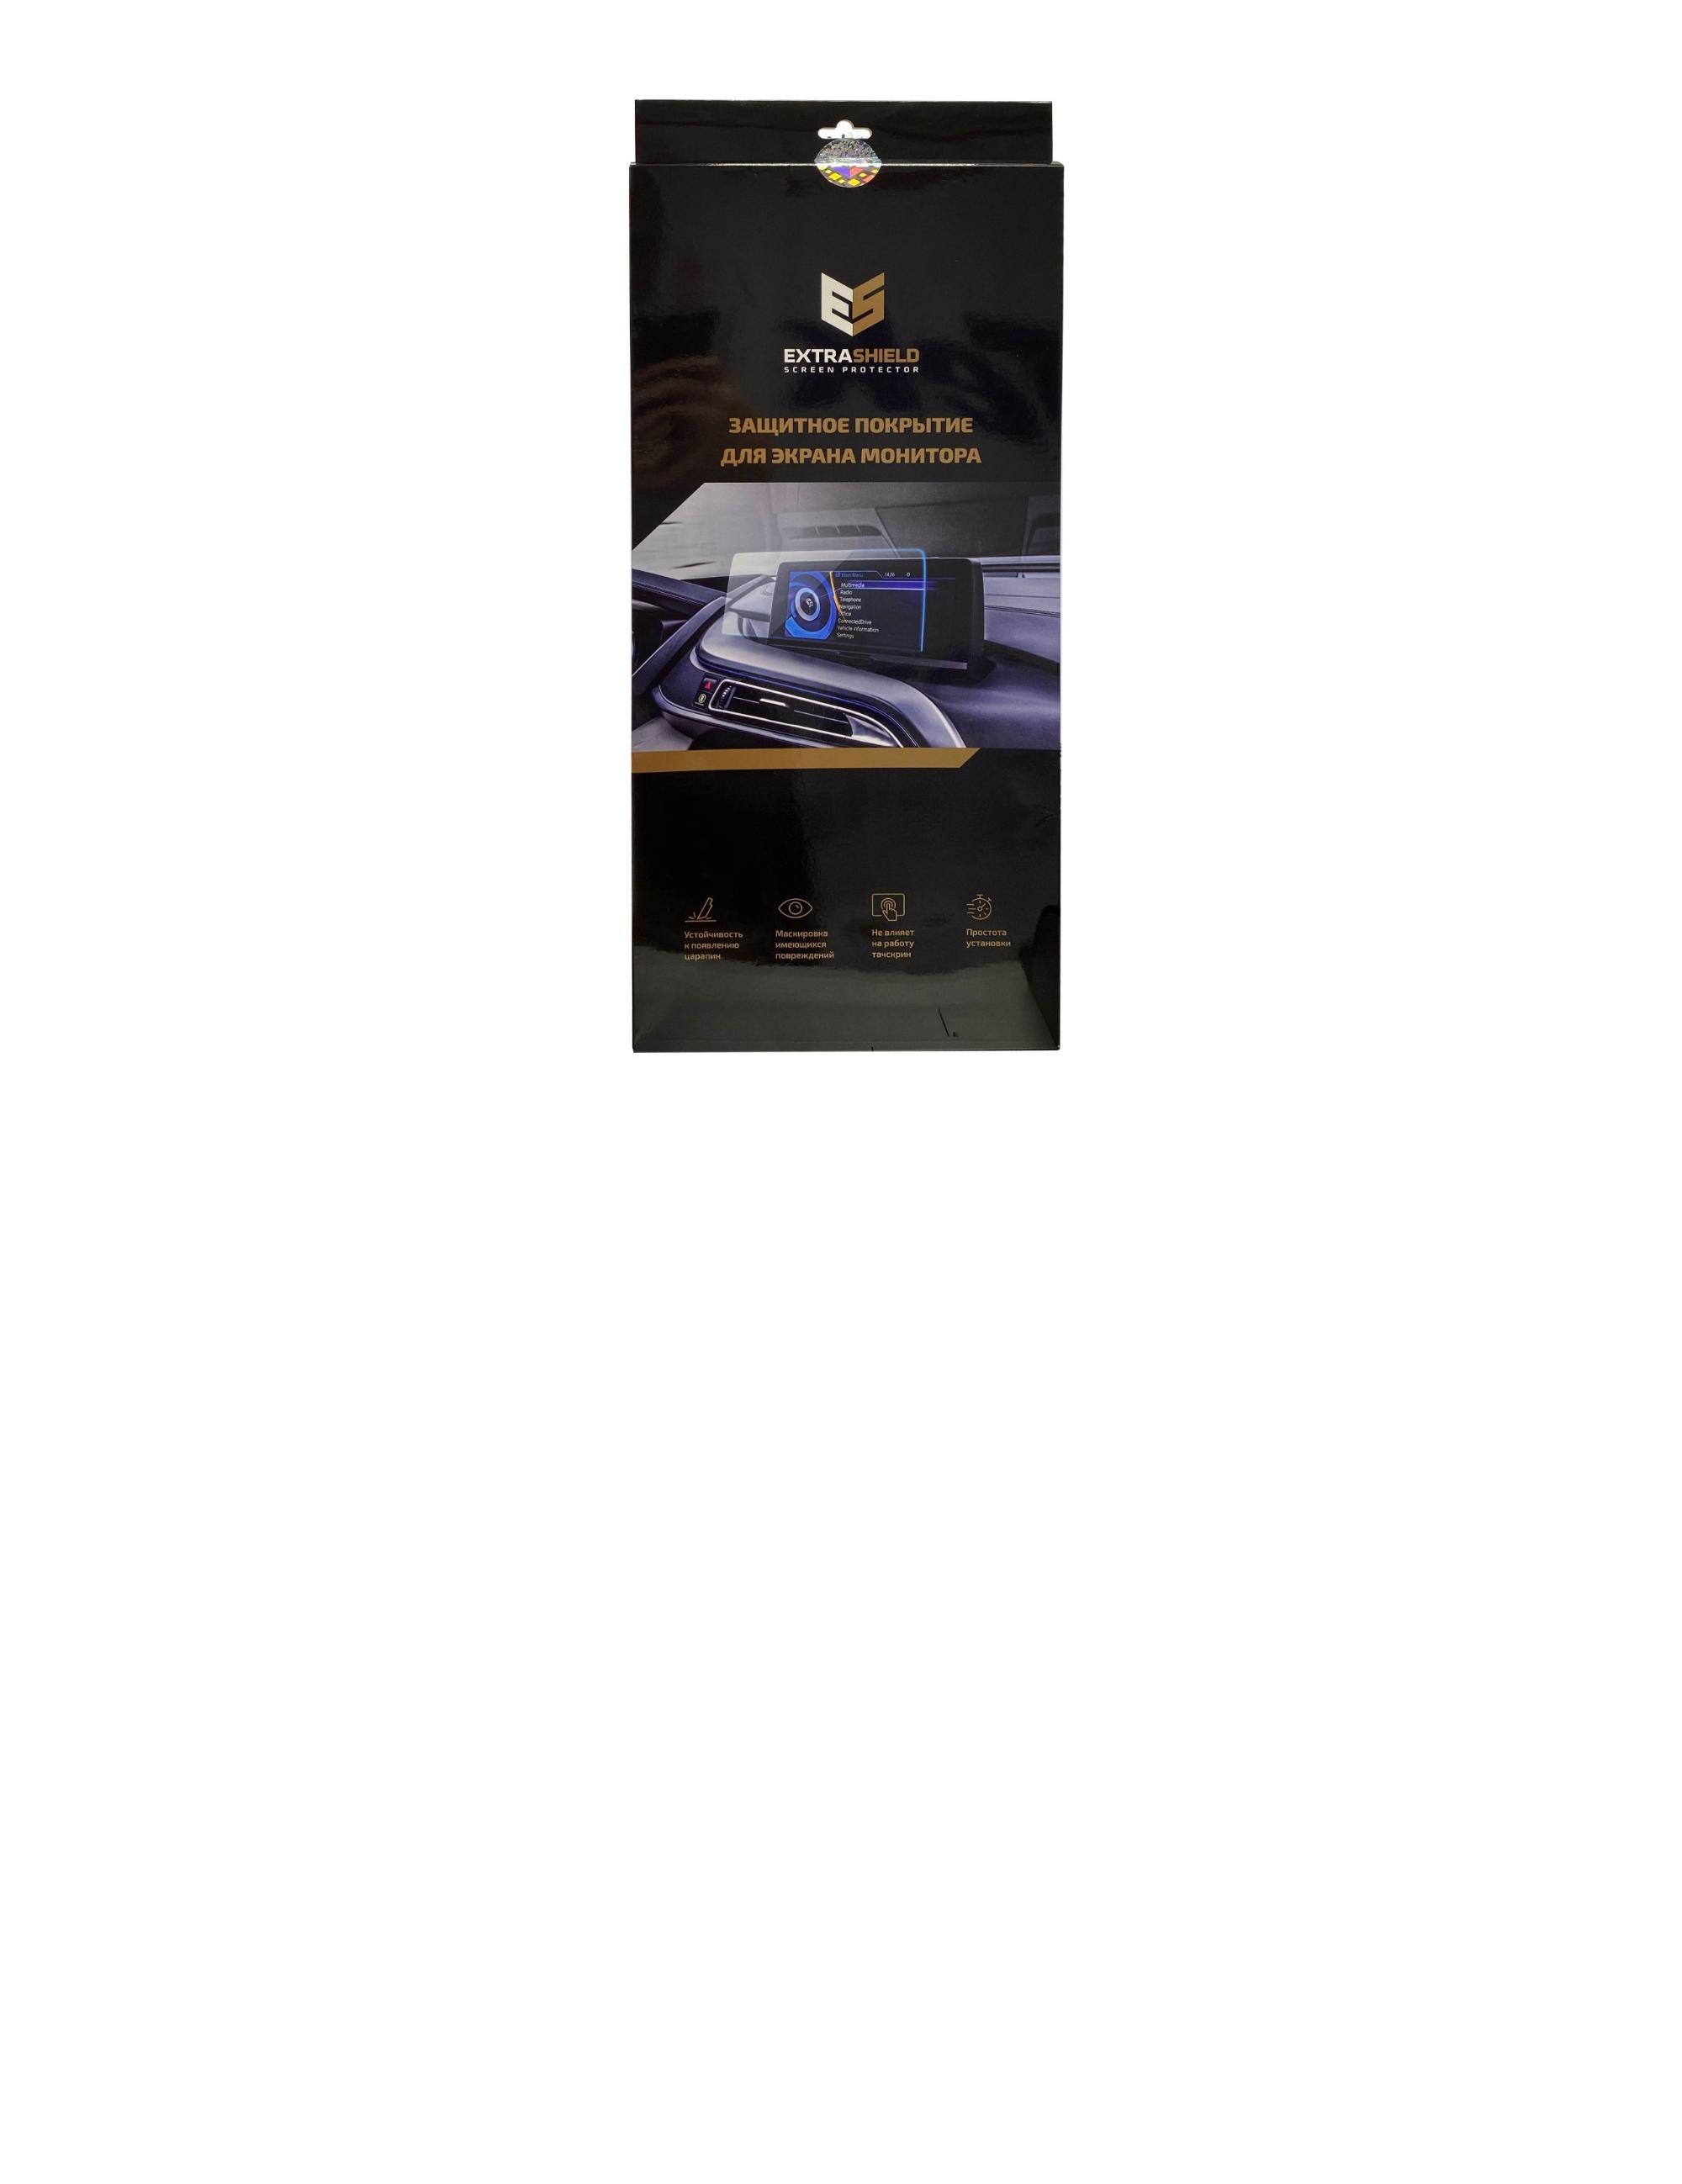 Audi A8 (D5) 2017 - н.в. приборная панель Audi Virtual Cockpit 12.3 Защитное стекло Матовая